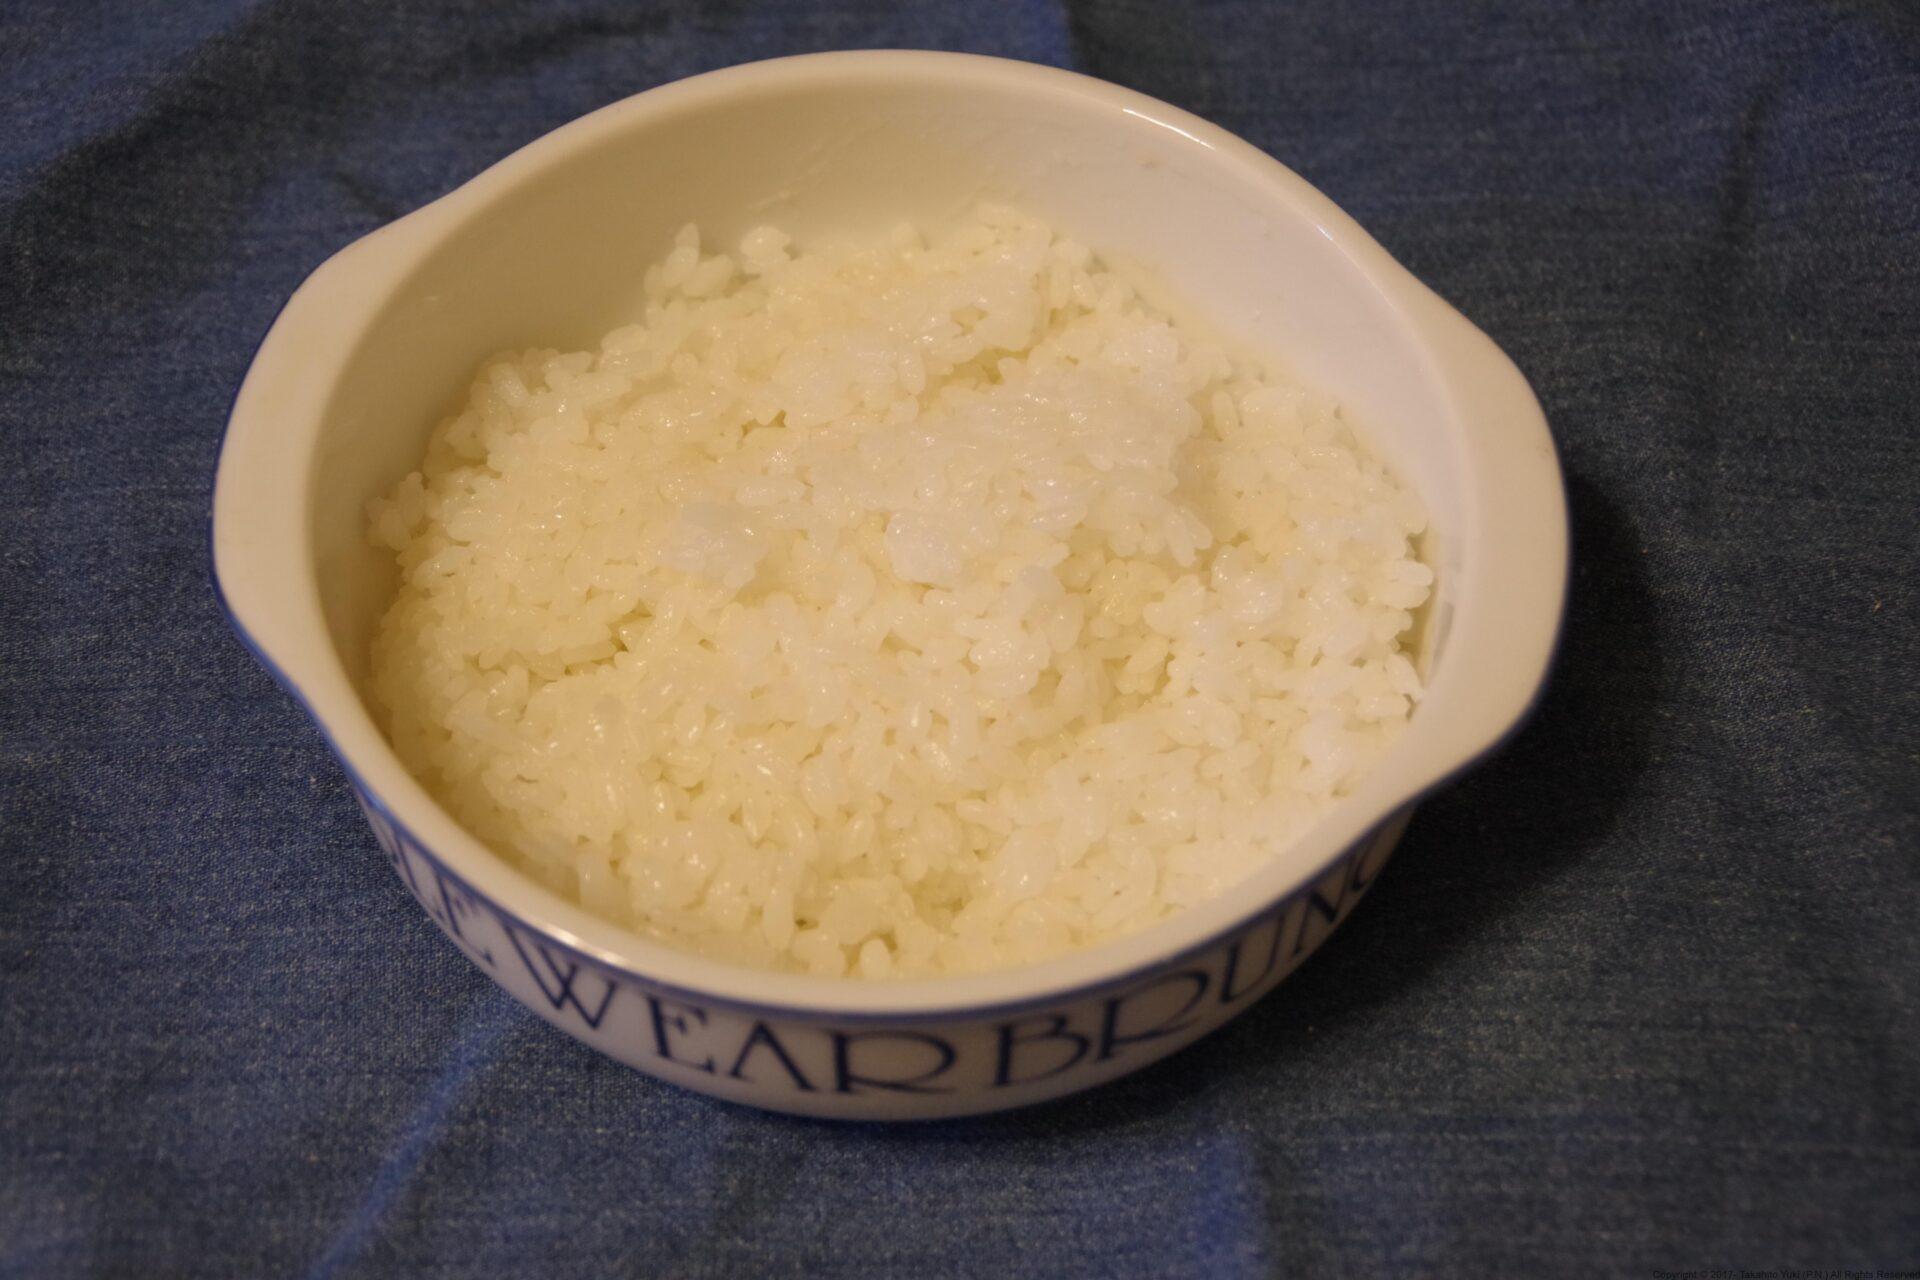 グラタン皿にご飯を盛る。